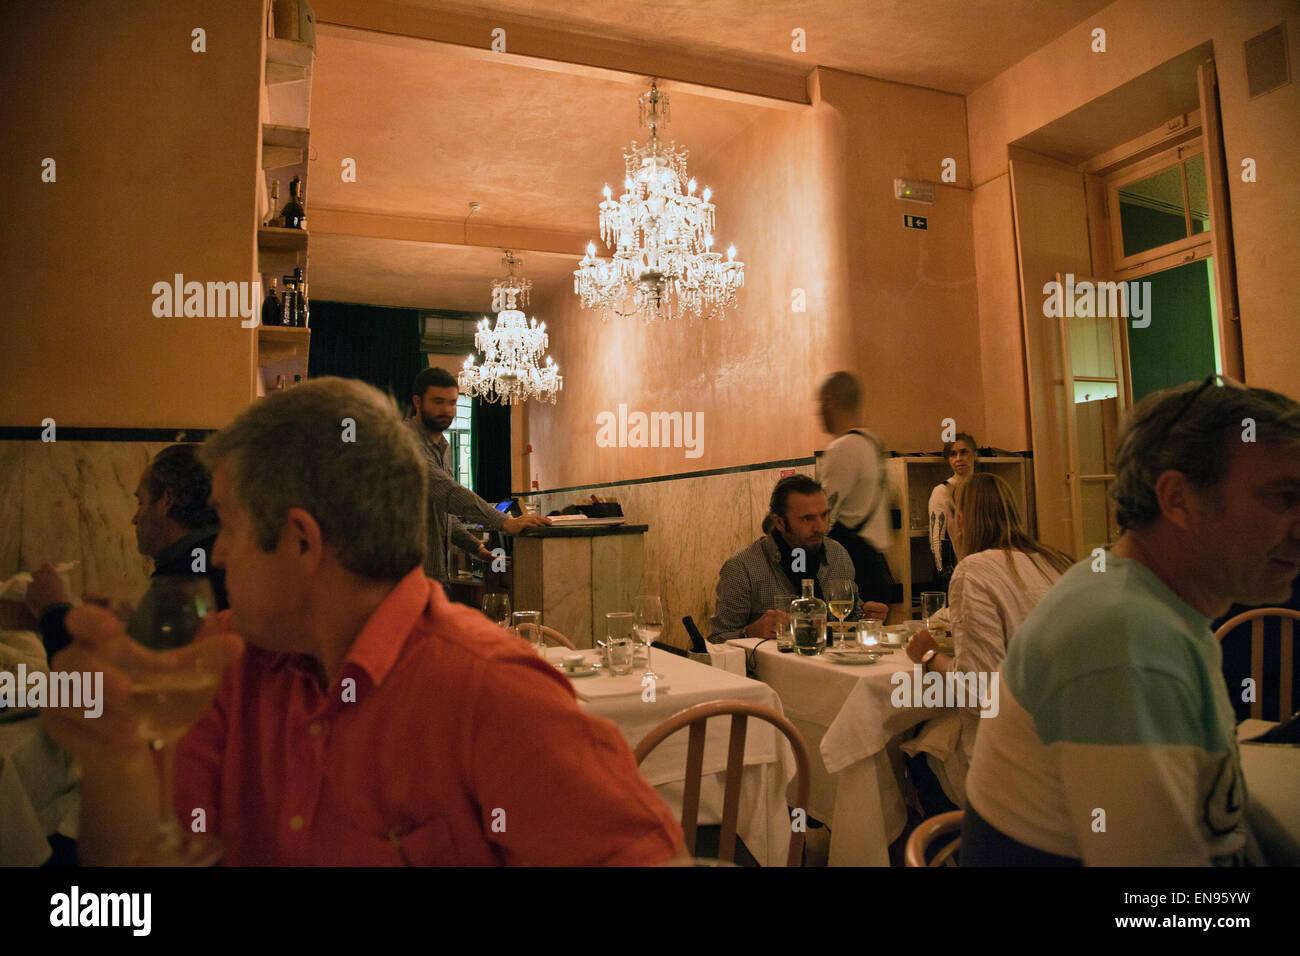 Pap' Acorda Restaurant Coin intérieur dans le Bairro Alto à Lisbonne - Portugal Photo Stock